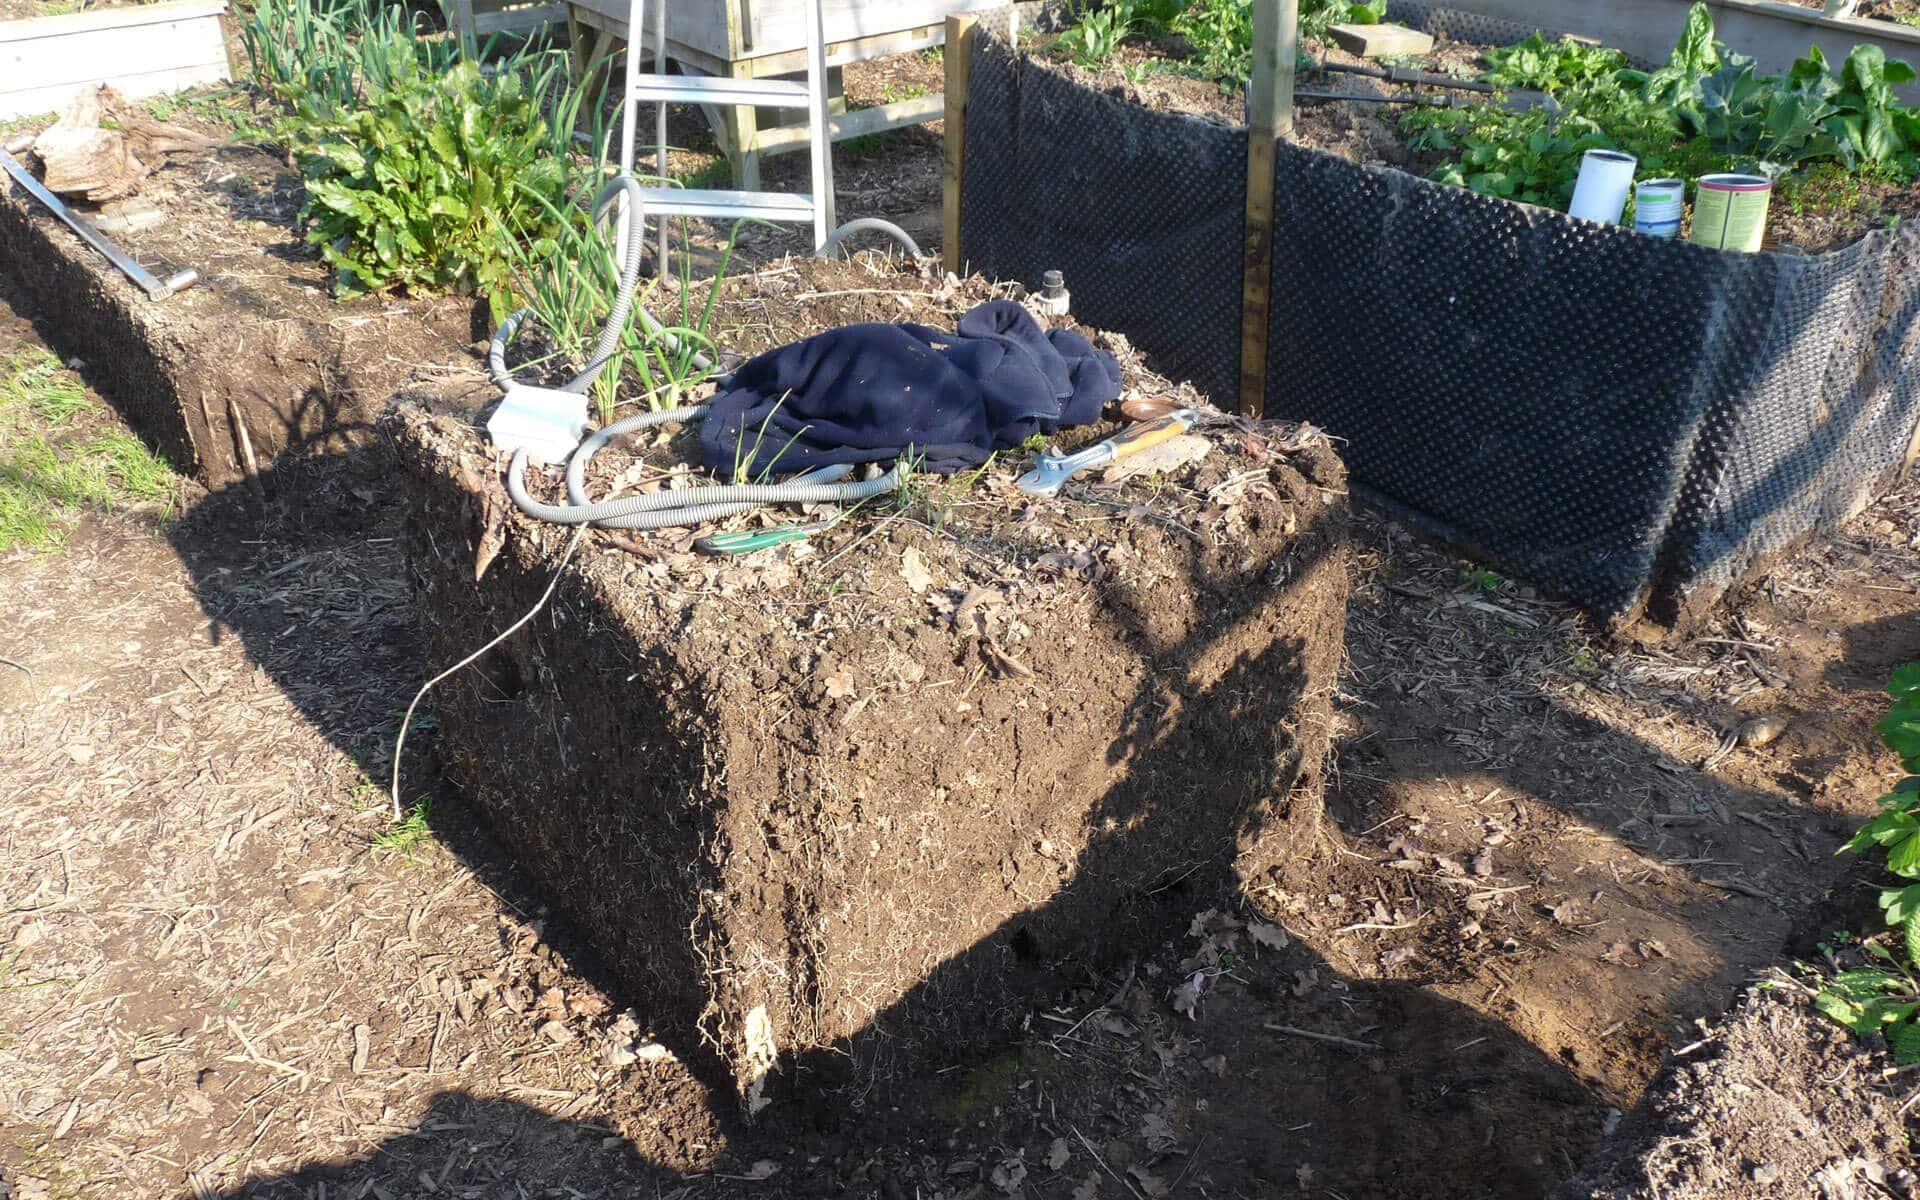 Après quelques années, j'ai pu ouvrir mes carrés de potager. J'en ai profité pour examiner l'évolution du sol.